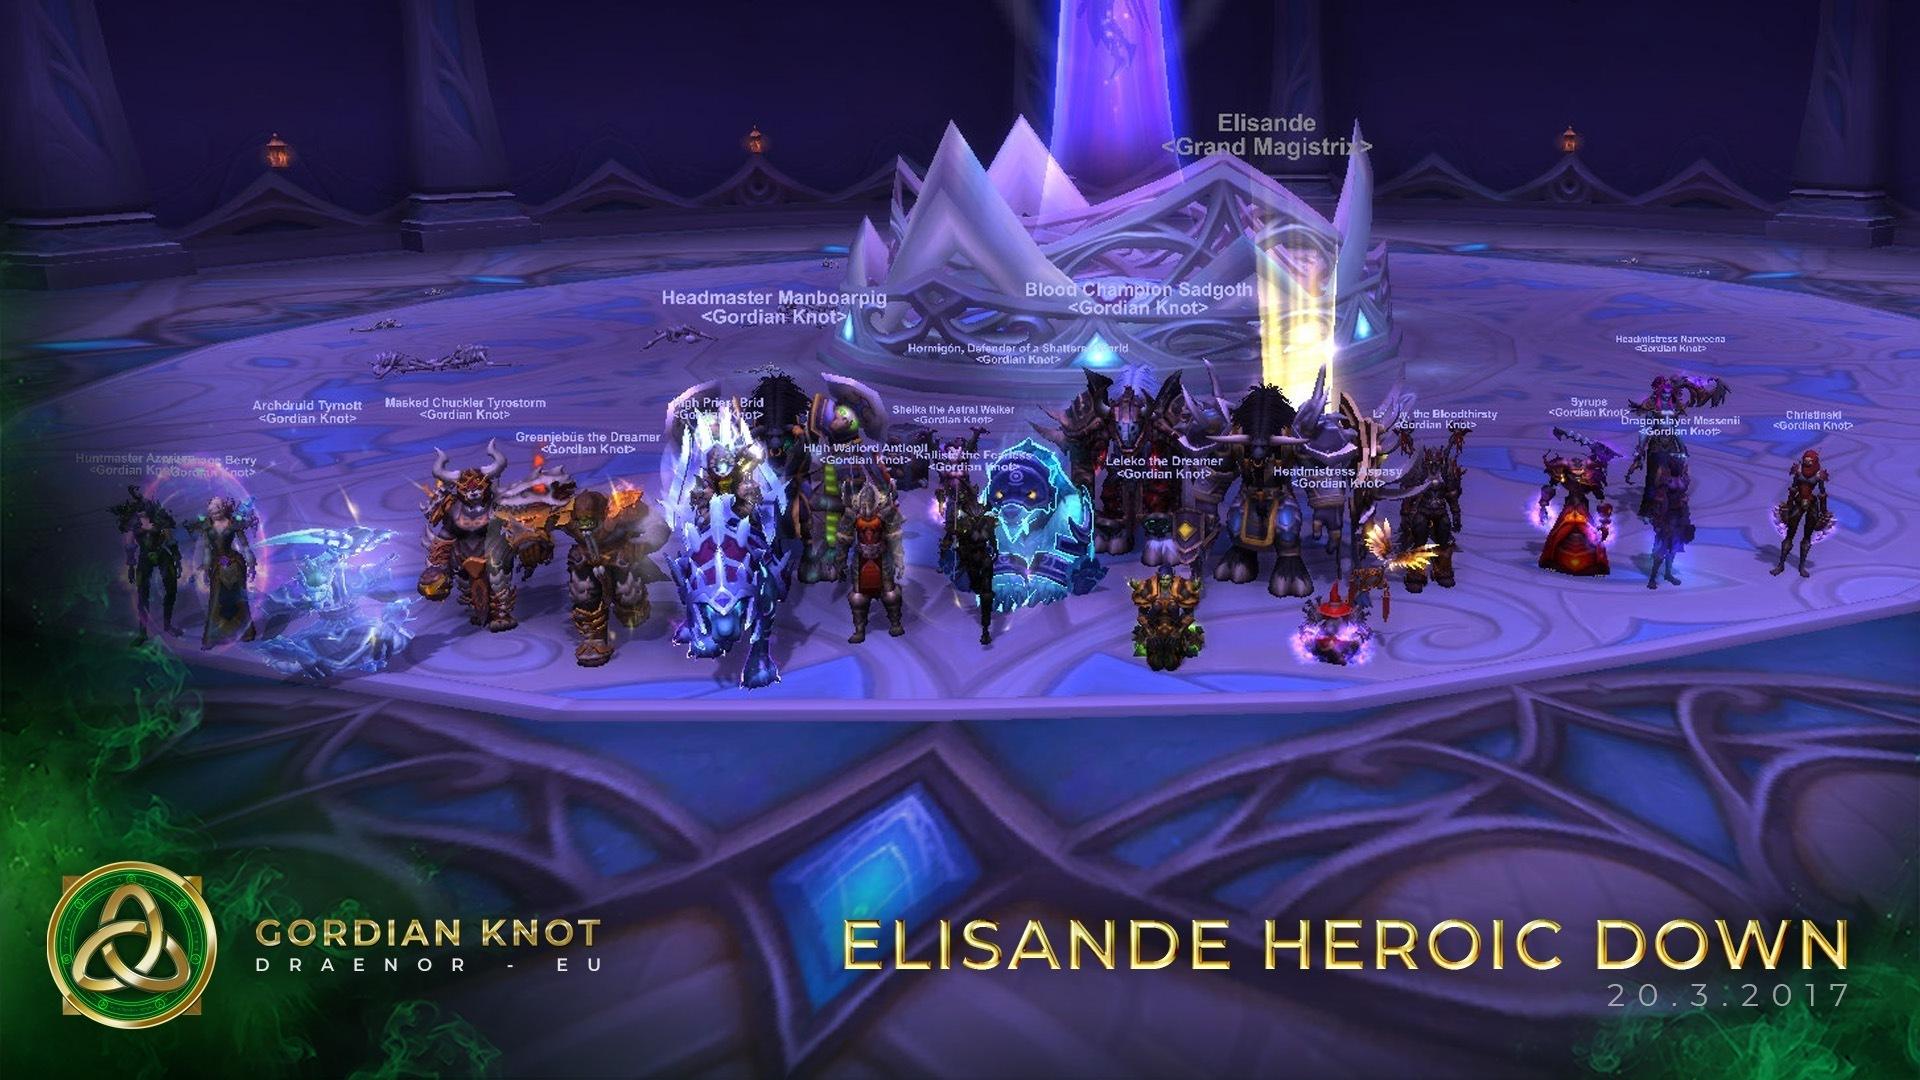 Elisande Heroic